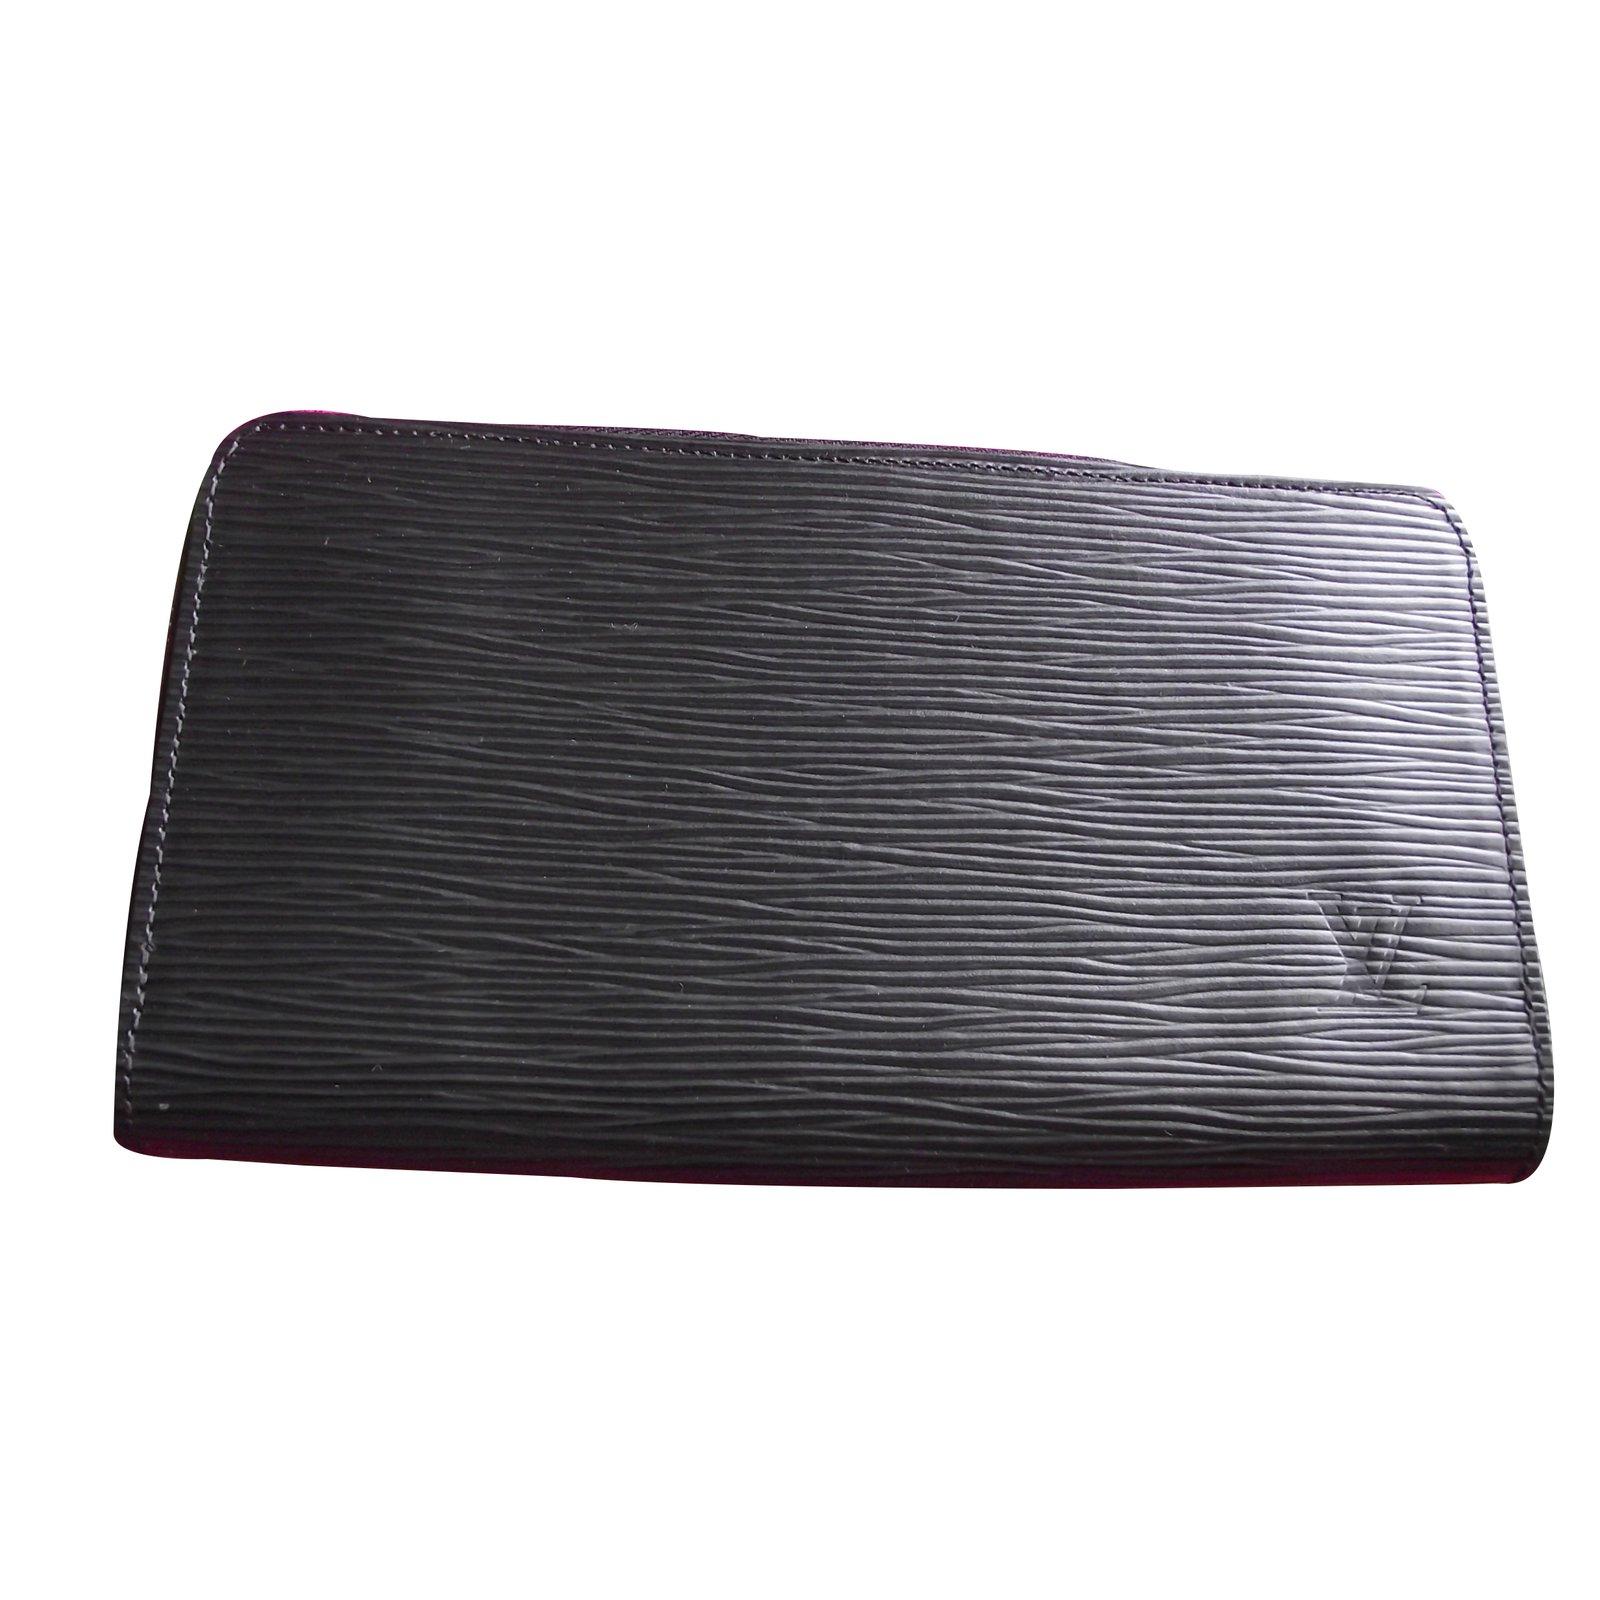 b183dea23d9a Petite maroquinerie Louis Vuitton portefeuille zippy cuir épis Cuir Noir  ref.17825